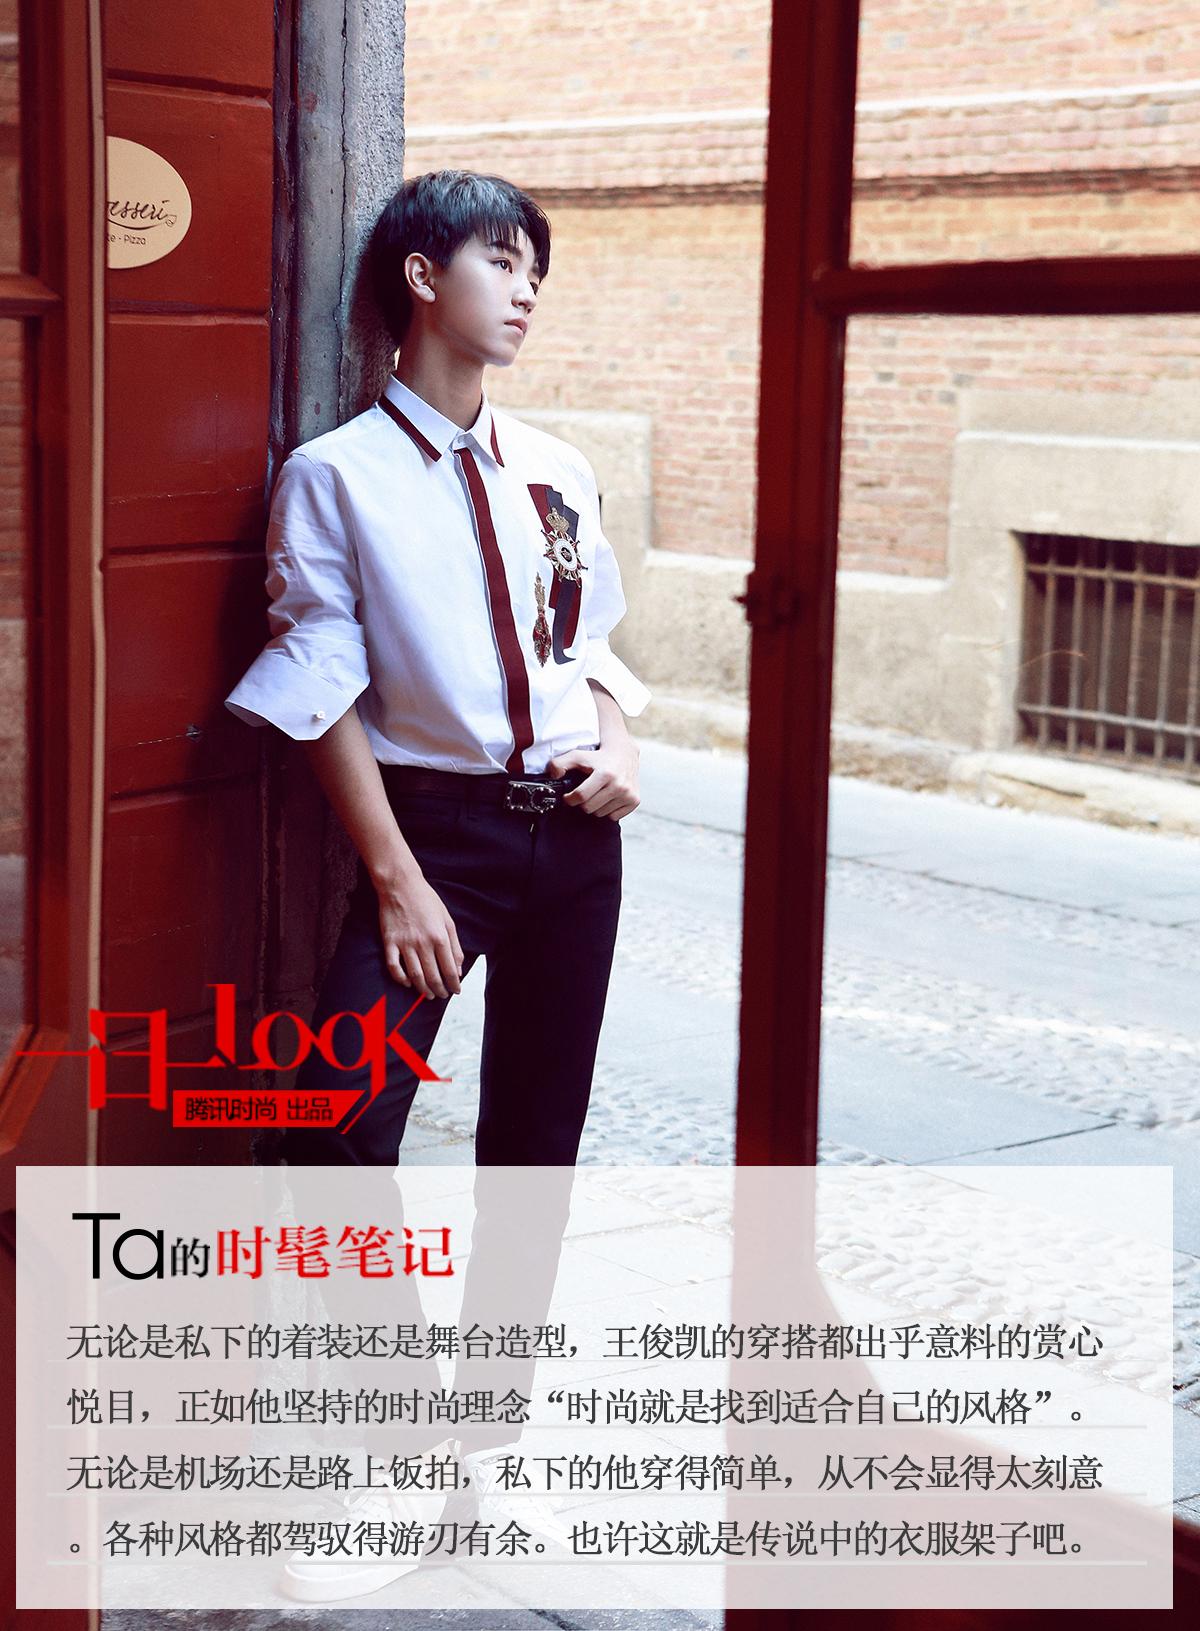 一日一LOOK 王俊凯的毕业旅行之翩若惊鸿白衬衫少年